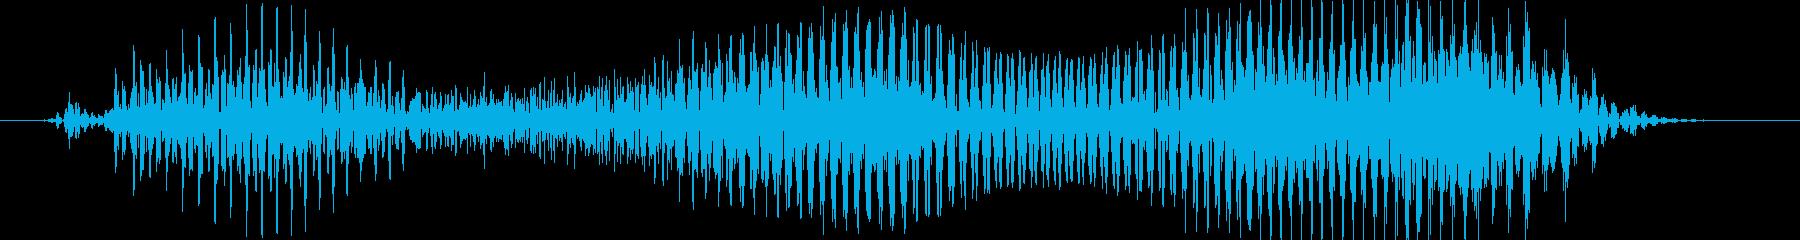 おはよう!の再生済みの波形